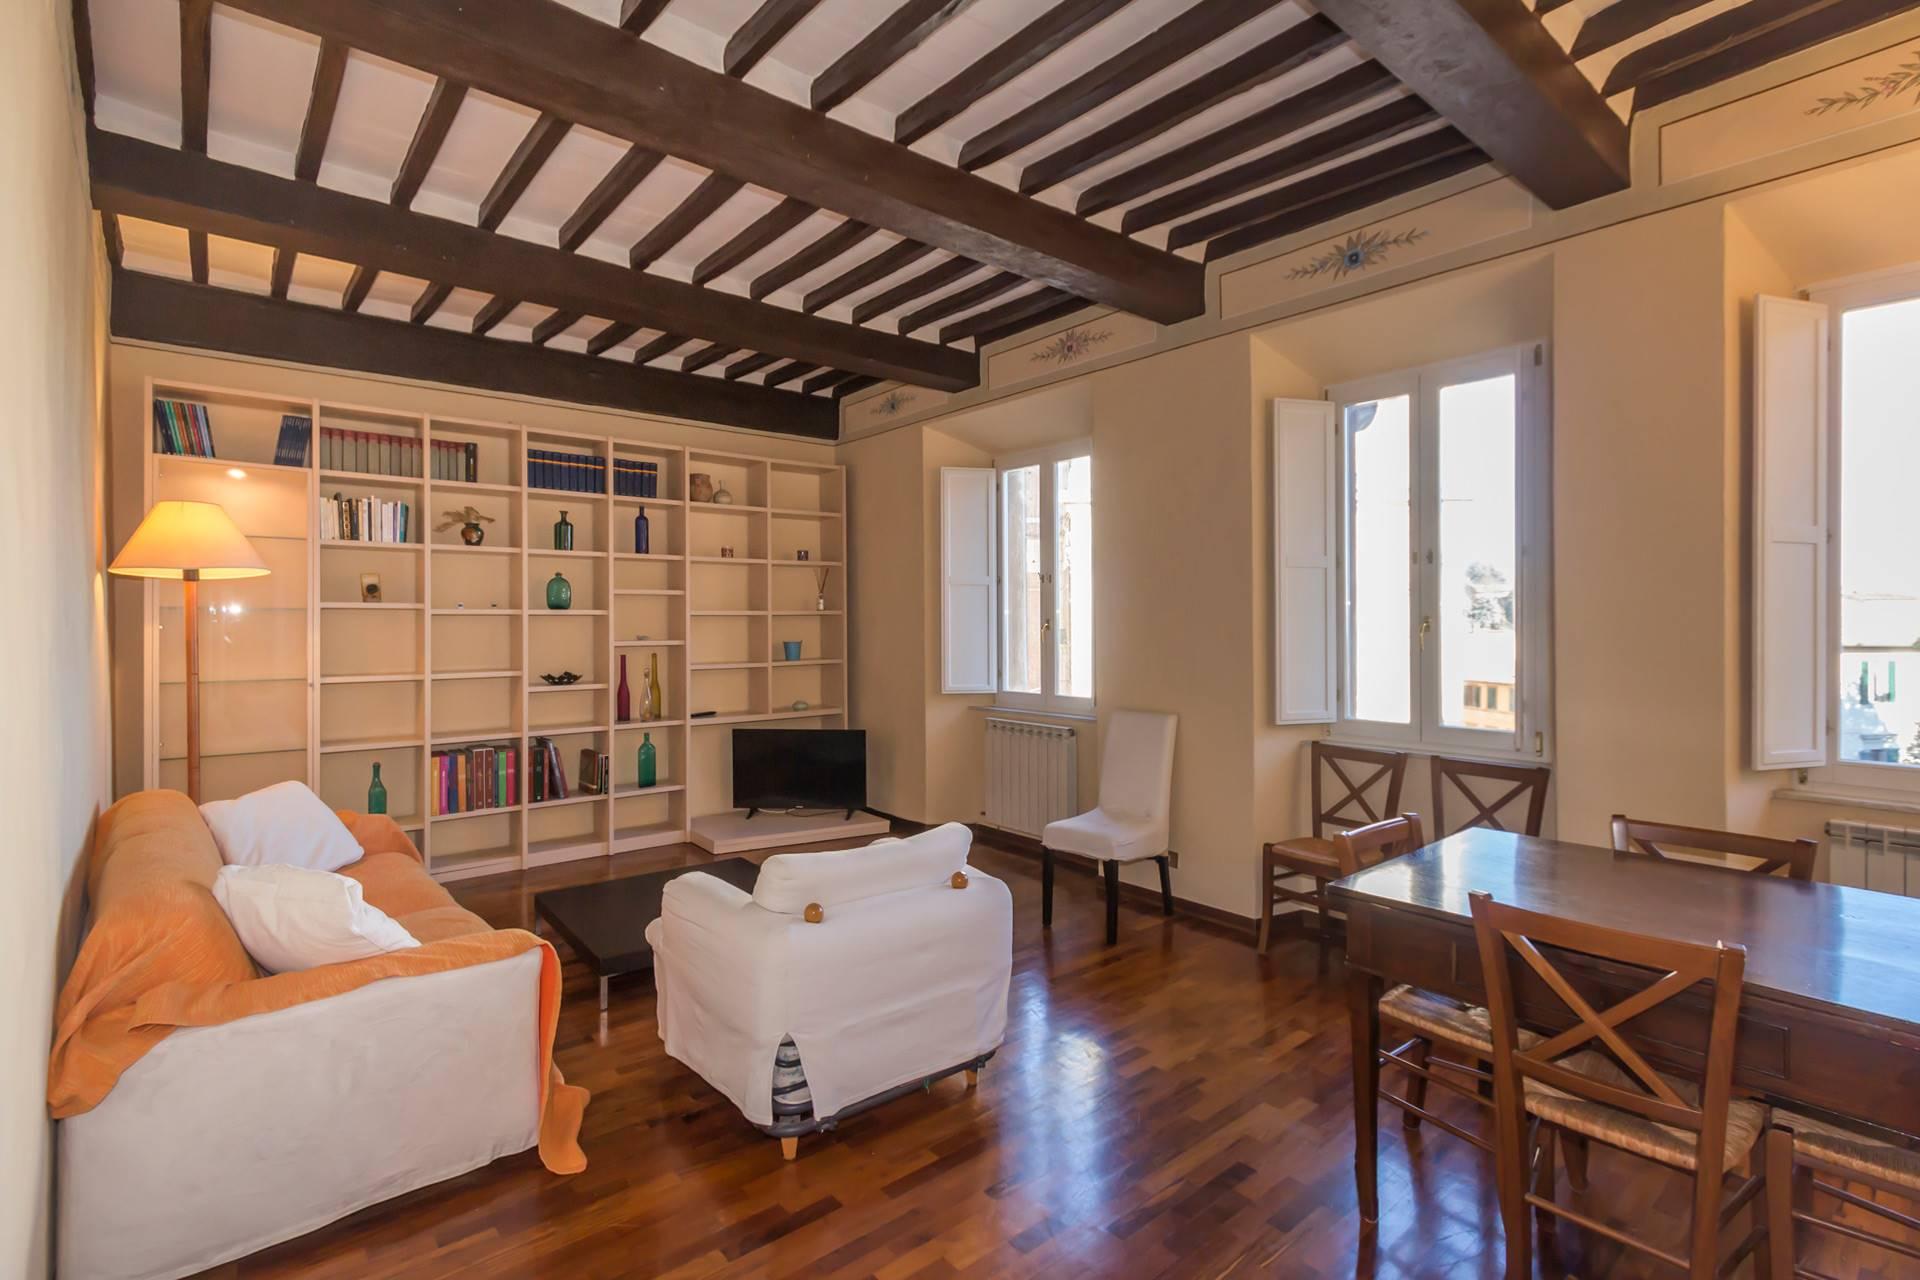 Centrale a Siena, appartamento posto comodamente al primo piano di una piccola palazzina, con vista mozzafiato su uno dei monumenti più graziosi della città. Si compone di ingresso, ampio e ben